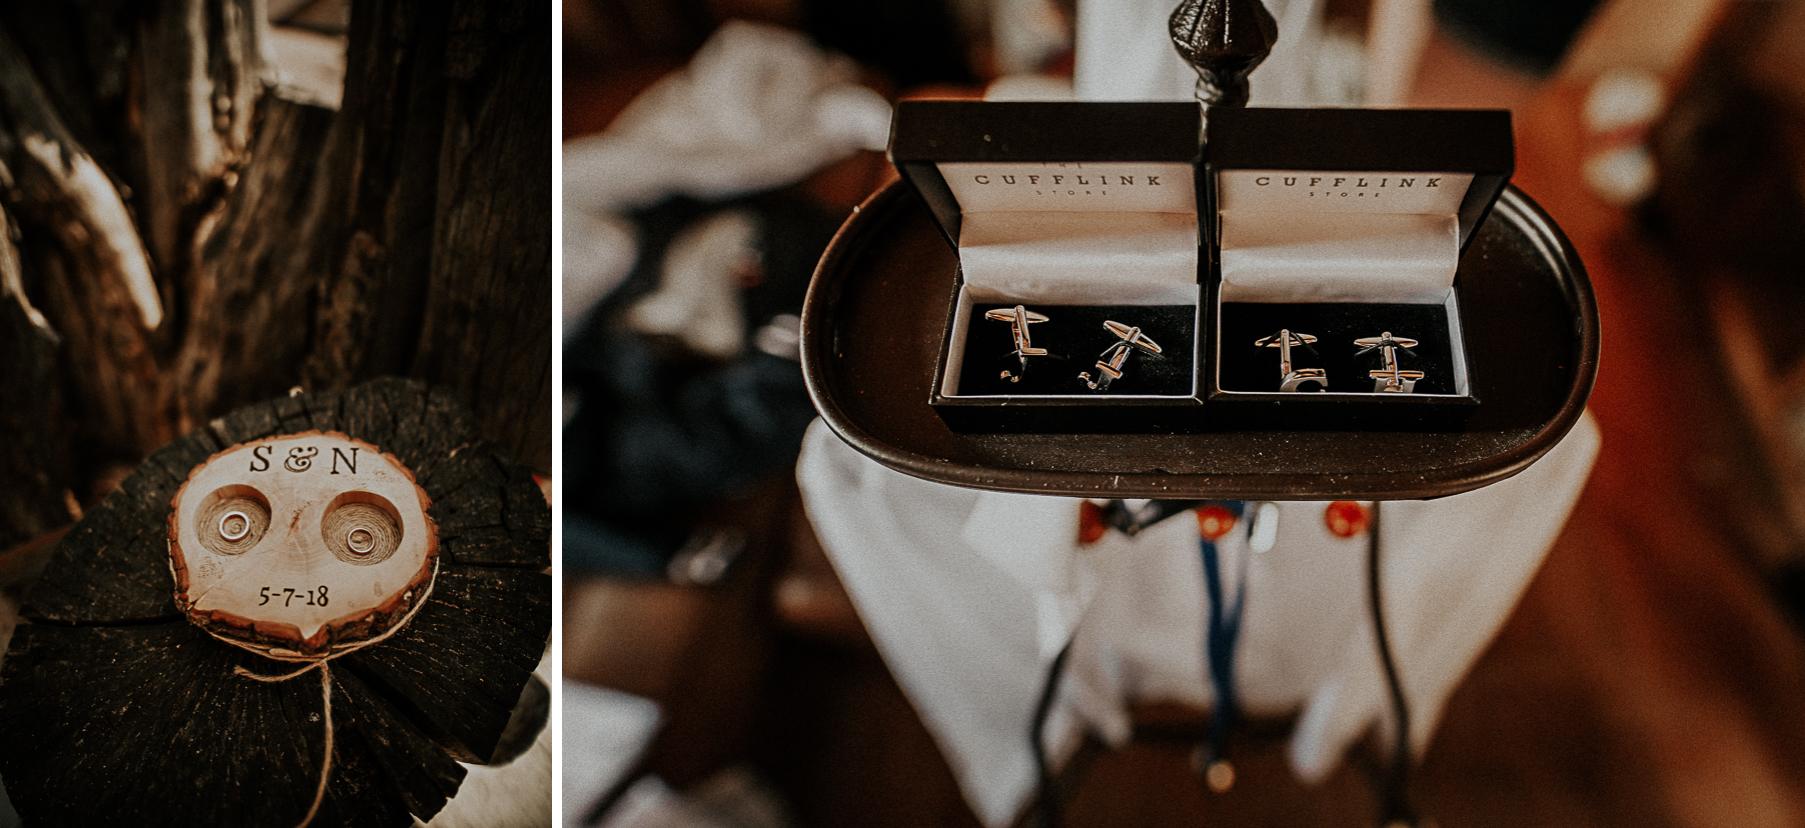 fotograf Ľuboš Krahulec, svadobny fotograf, fotograf prešov, fotograf vychod,  svadobny fotograf kosice, fotograf orava, svadobne fotografie, fotograf bardejov, fotky na oznamka, stuzkova, fotograf na stuzkovu, fotenie svadby, svadobny fotograf presov, svadobná fotografia, svadobne fotografie presov, svadobný fotograf spišská nová ves, fotograf východné slovensko, foto na oznamko, fotograf žilina, fotograf banská bystrica, fotograf trenčín, fotograf nitra, fotograf trnava, fotograf bratislava, fotenie v tatrách, fotograf poprad, fotograf sabinov, svadobné fotenie, fotograf praha, svatebni foceni, fotograf na svatbu